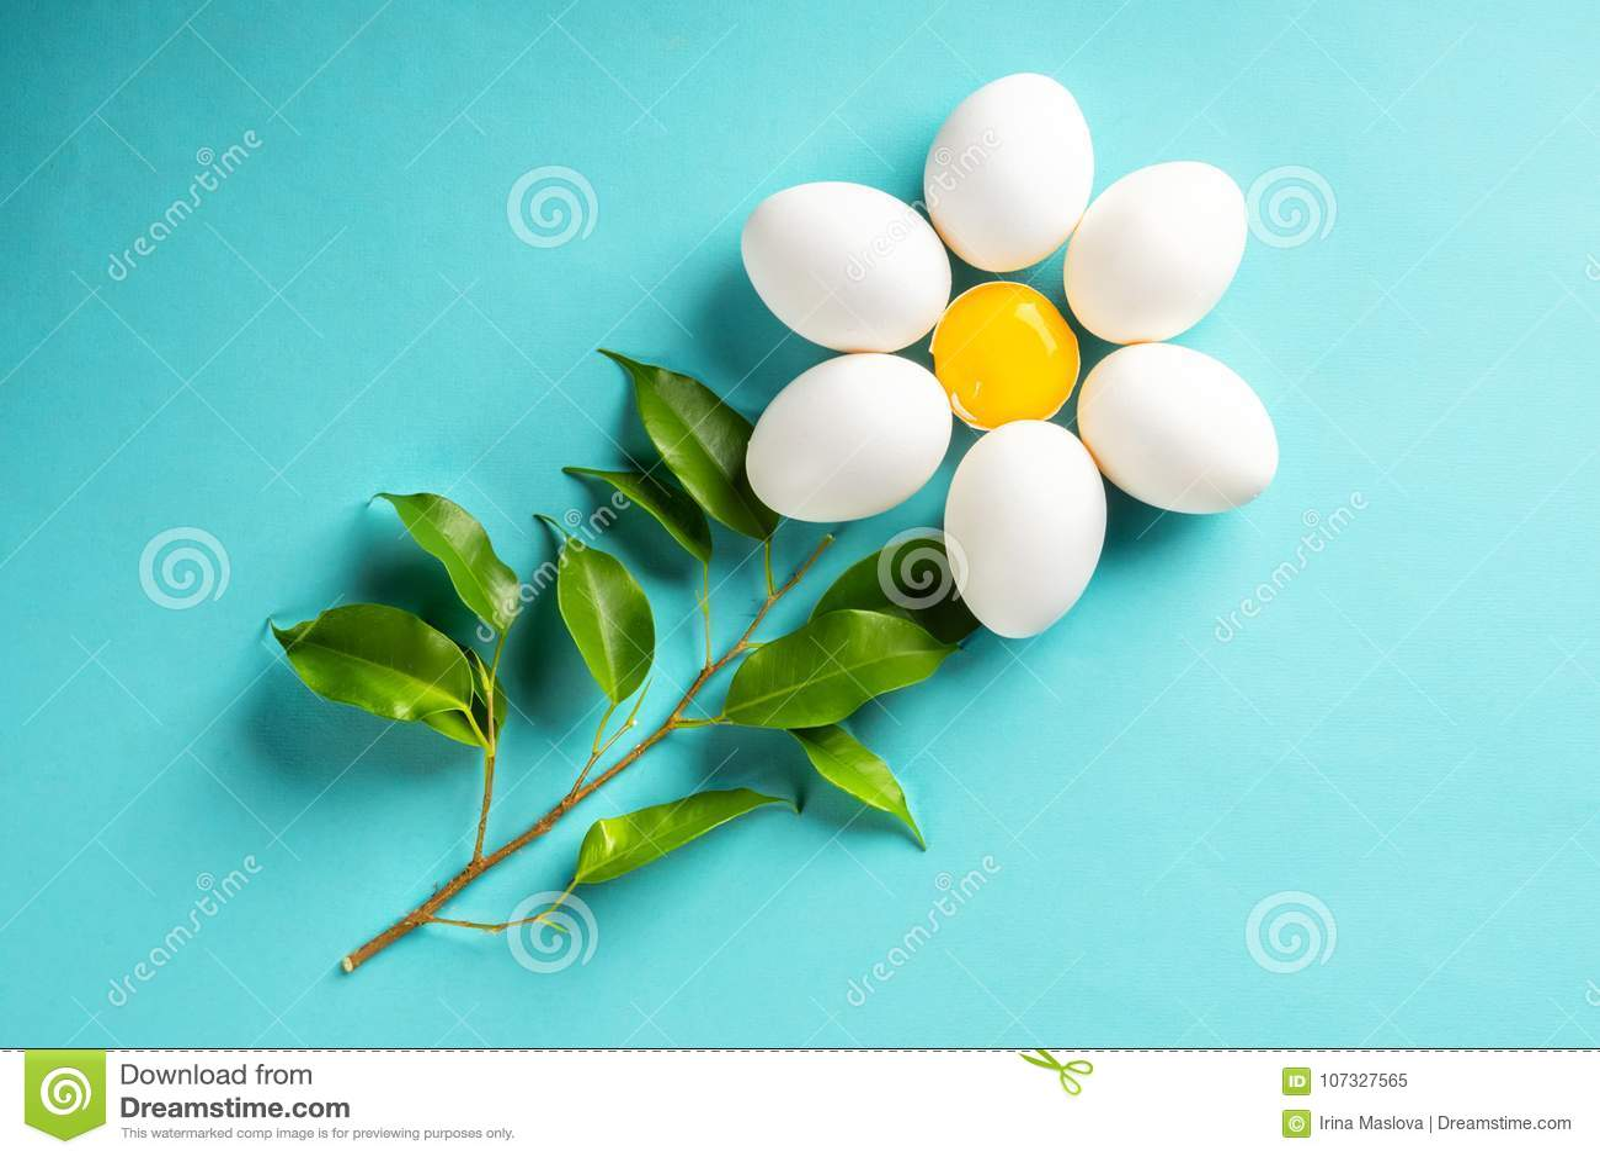 Маргаритка стоцвета от яичка и желток покидают концепция весны пасхи